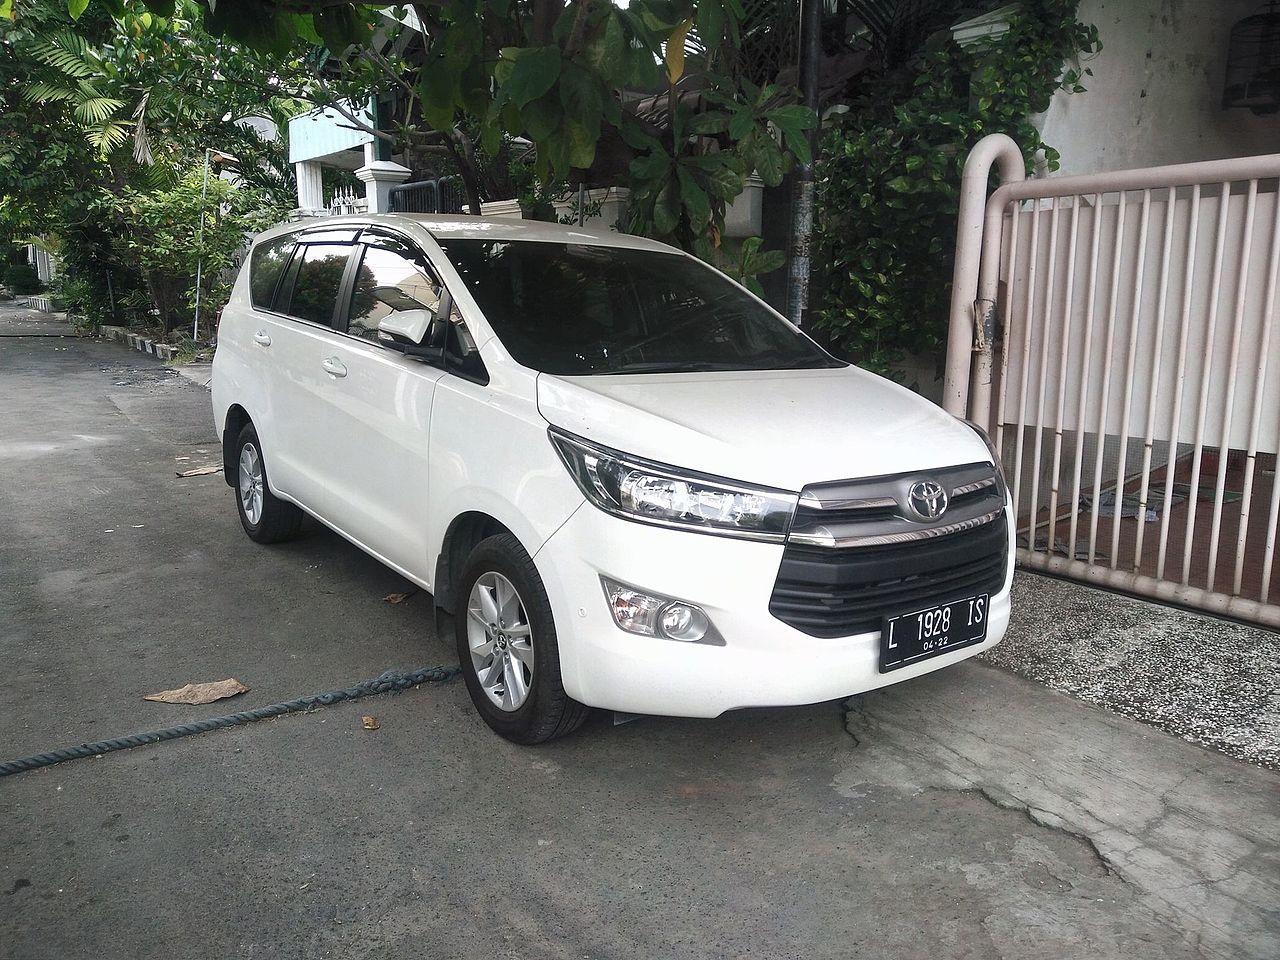 File:2017 Toyota Kijang Innova 2.4 V (front), West